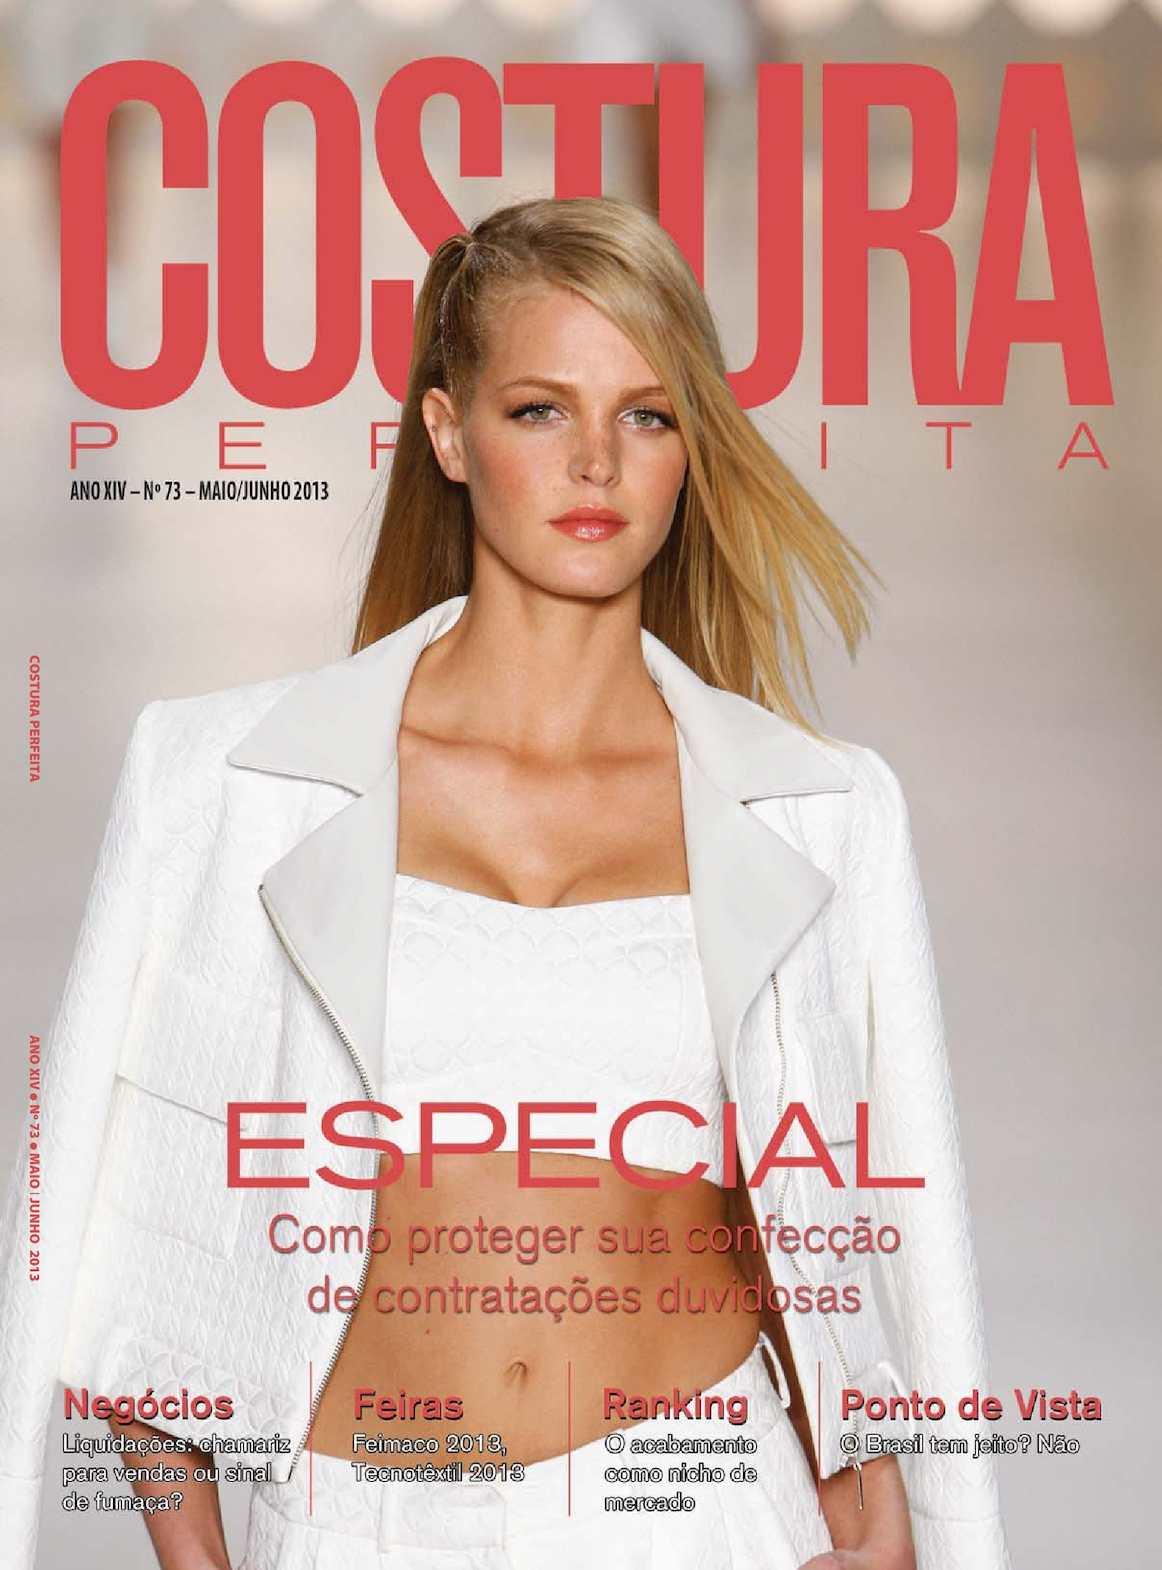 Calaméo - Revista Costura Perfeita Edição Ano XIV - N73 - Maio-Junho 2013 356b9e81364a2